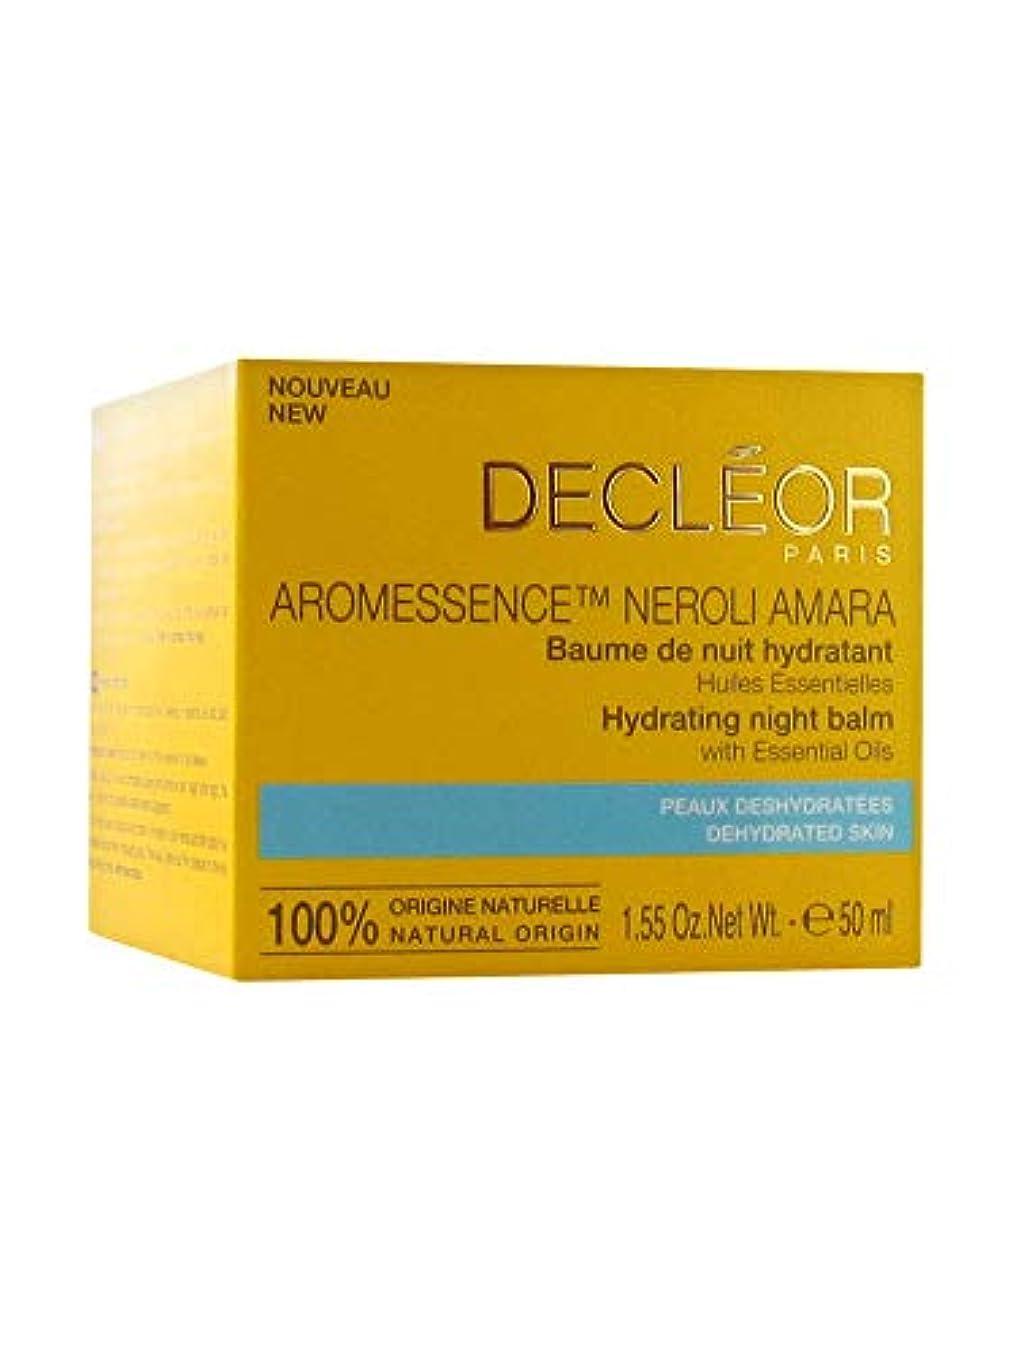 ビジュアル衝突する百万デクレオール Aromessence Neroli Amara Hydrating Night Balm - For Dehydrated Skin 50ml/1.55oz並行輸入品